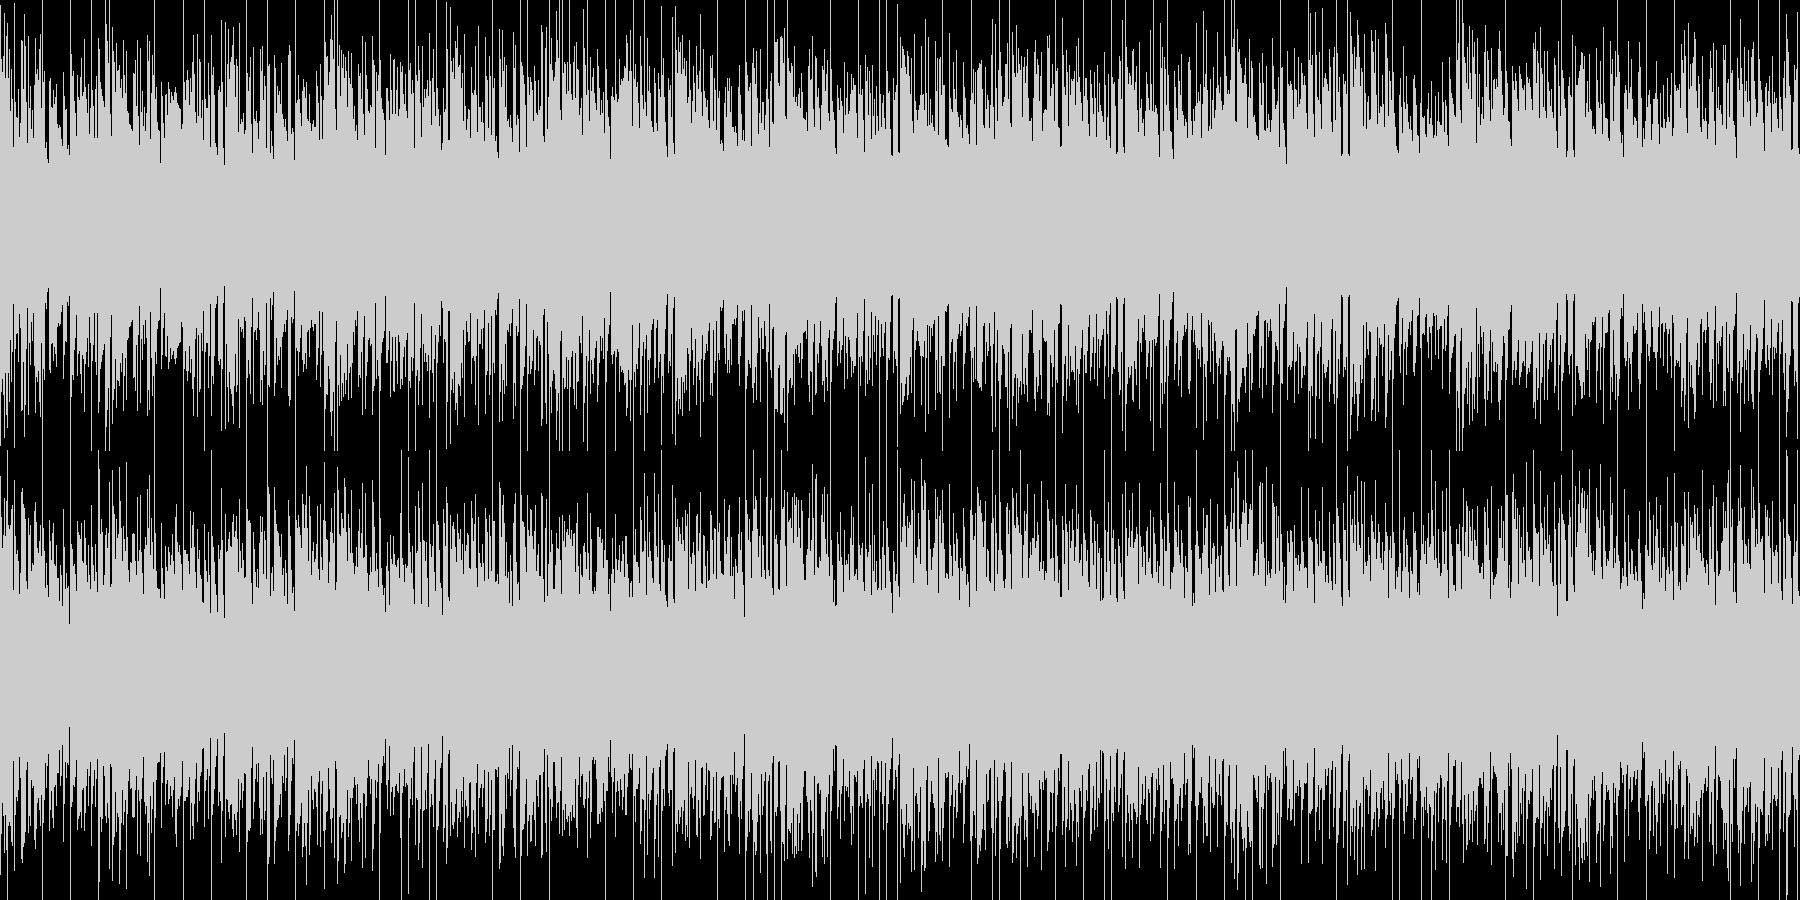 壮絶・悲惨をイメージしたBGMの未再生の波形